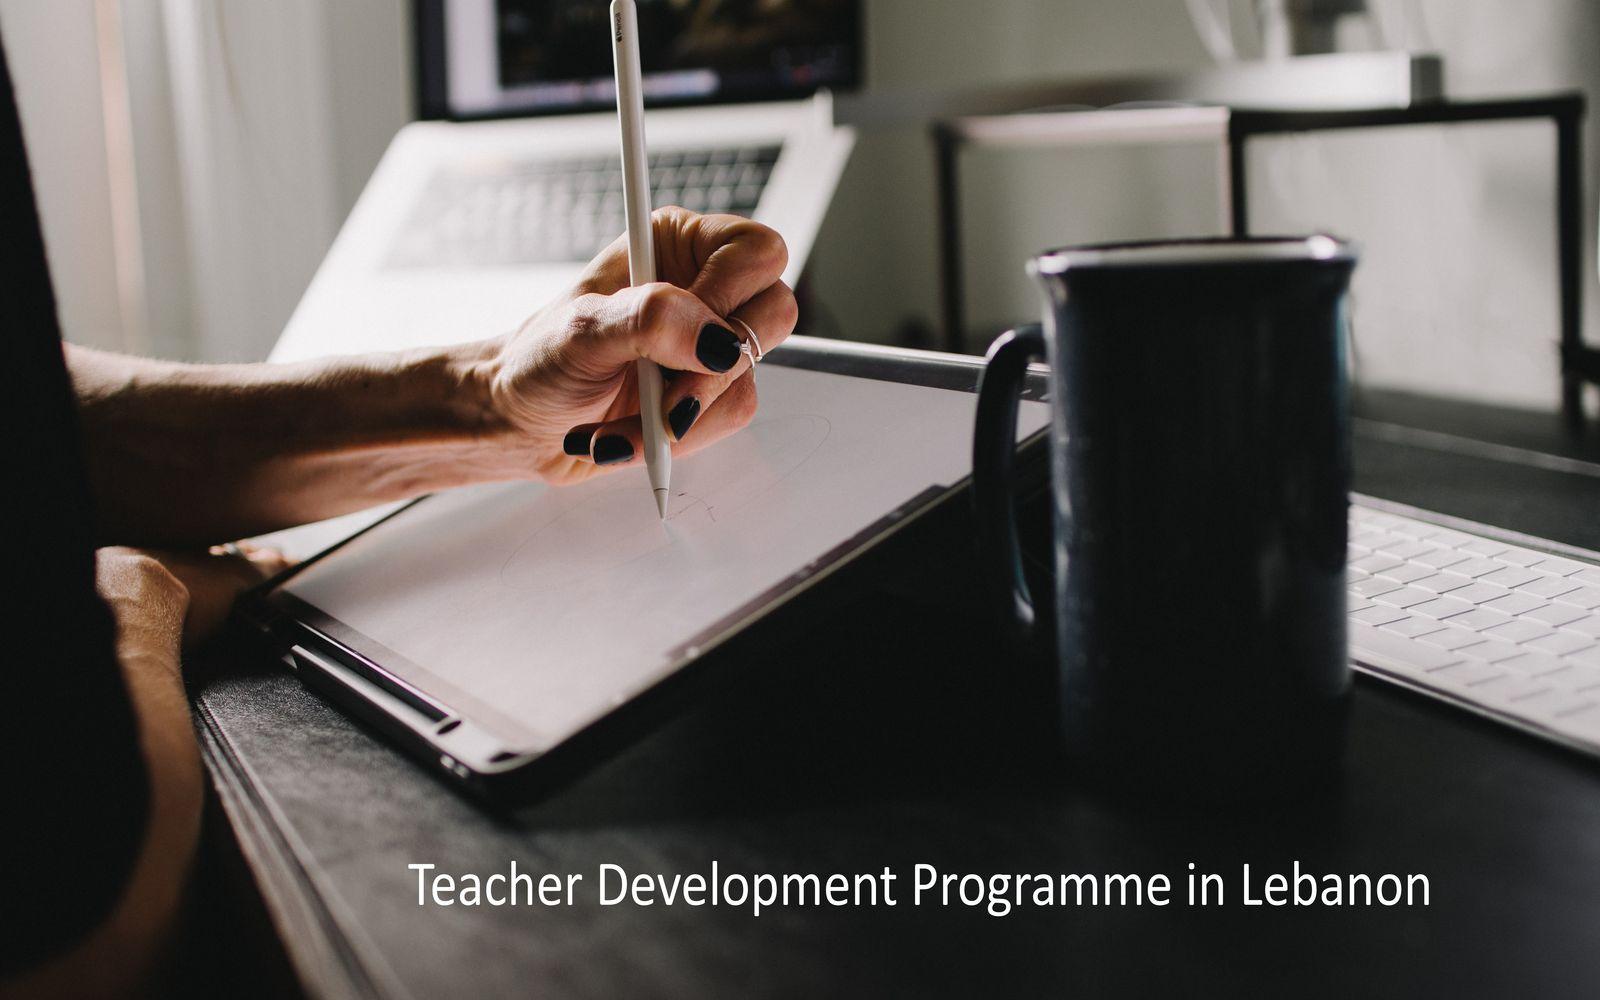 Teacher Development Programme in Lebanon